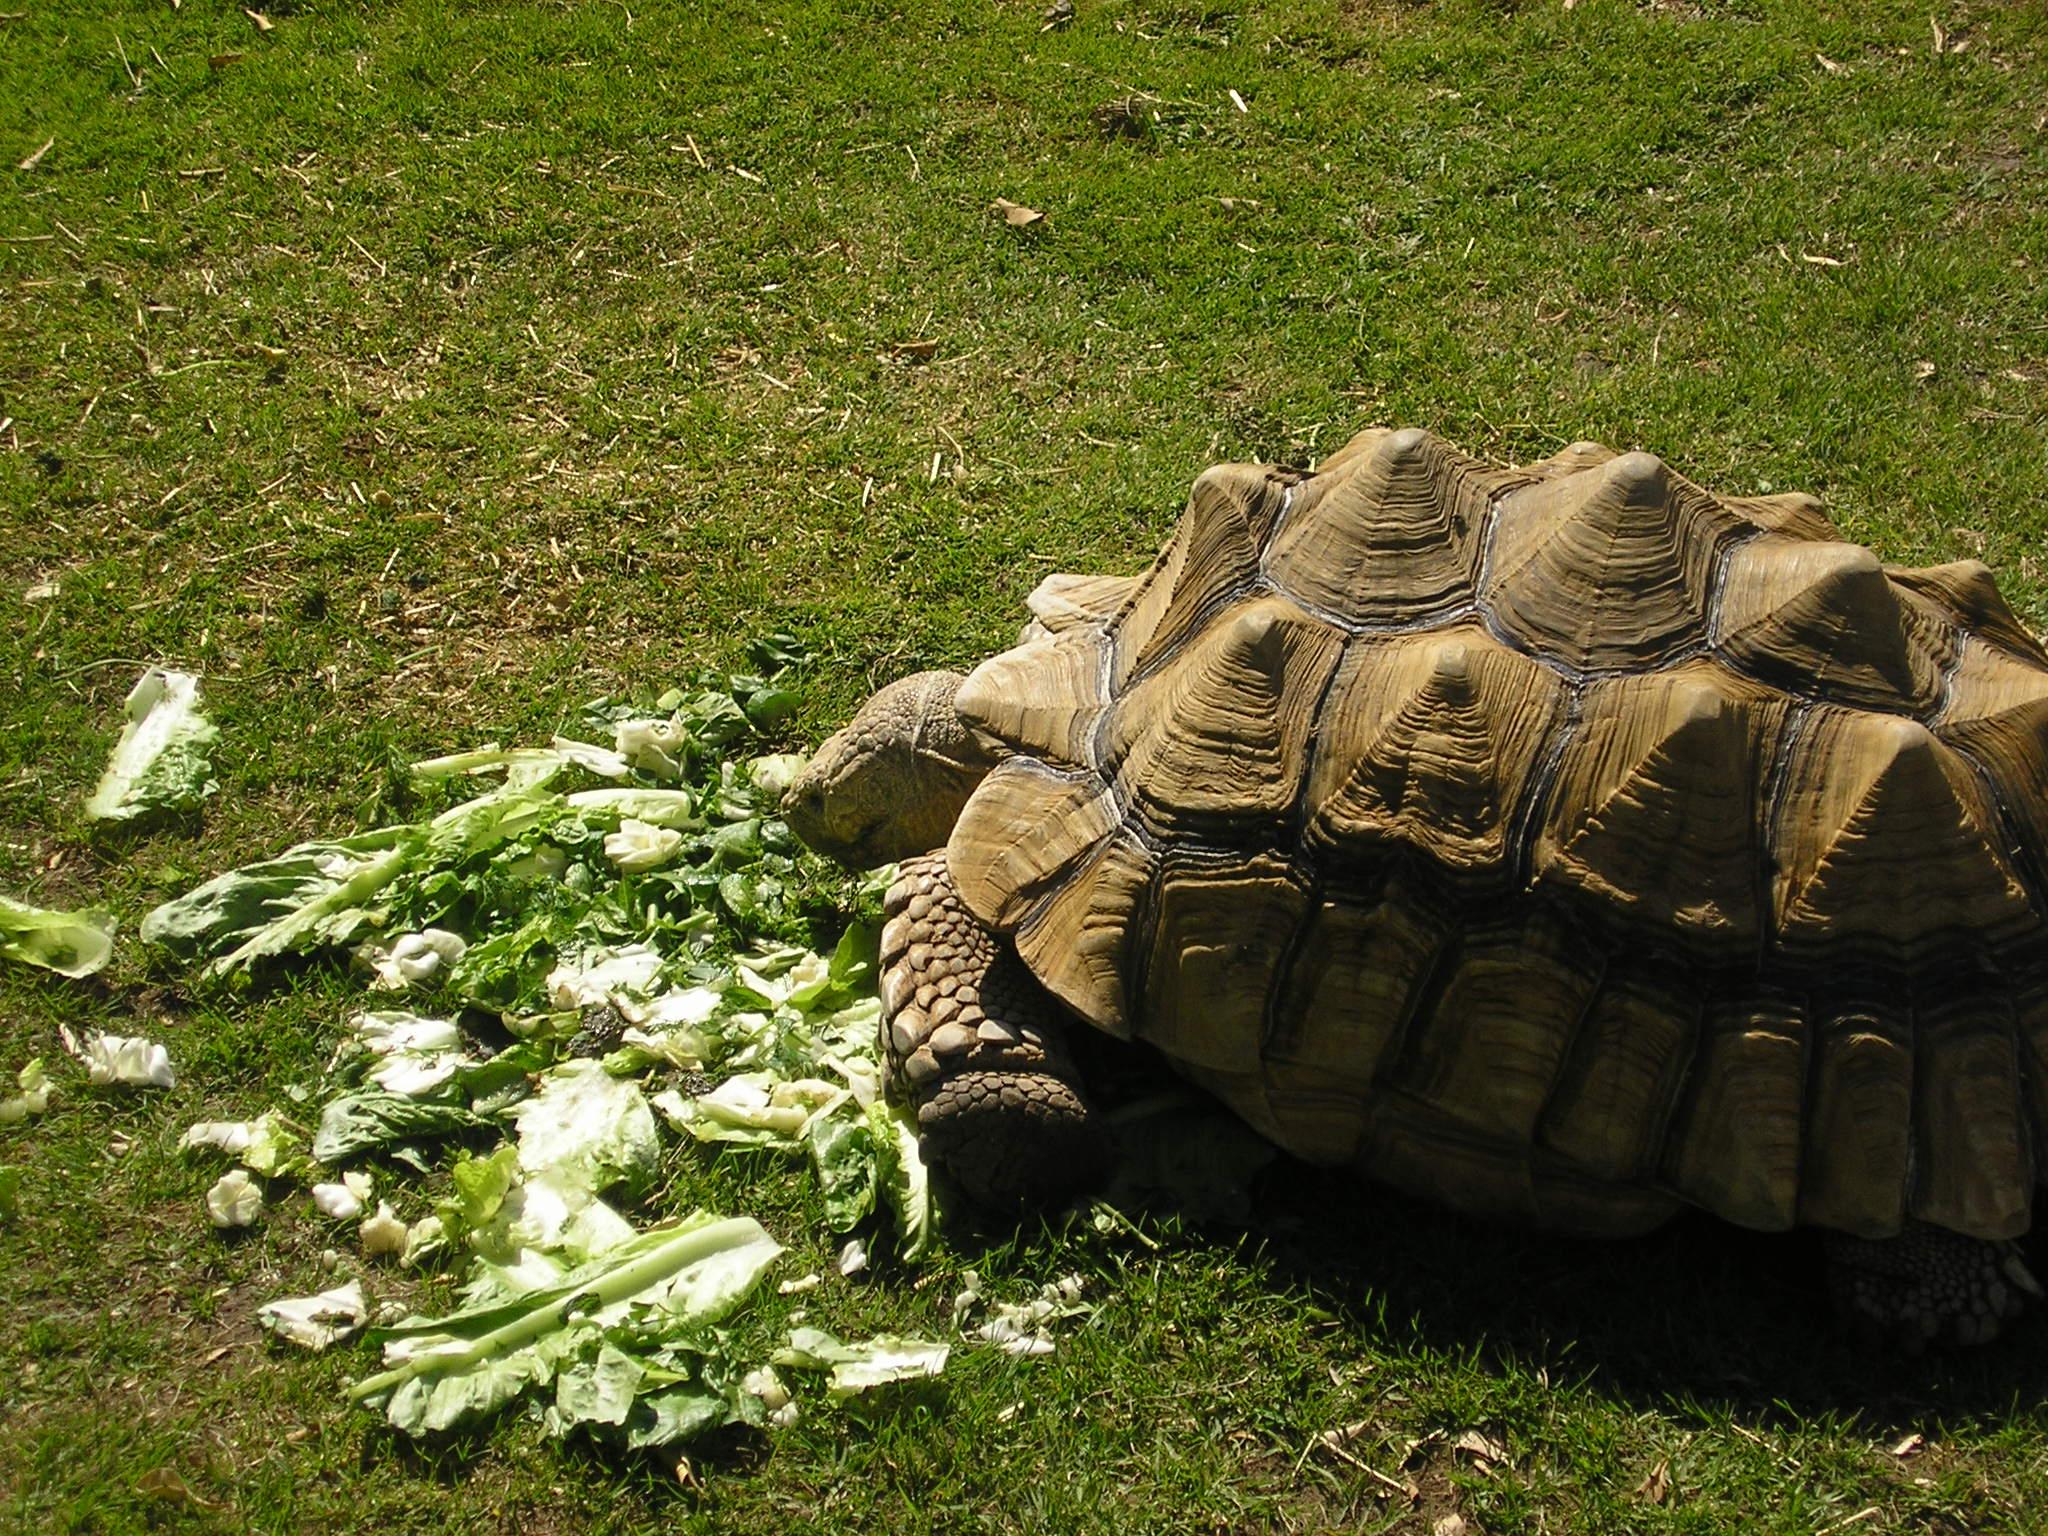 Land Turtle Hibernation and Breeding All Turtles